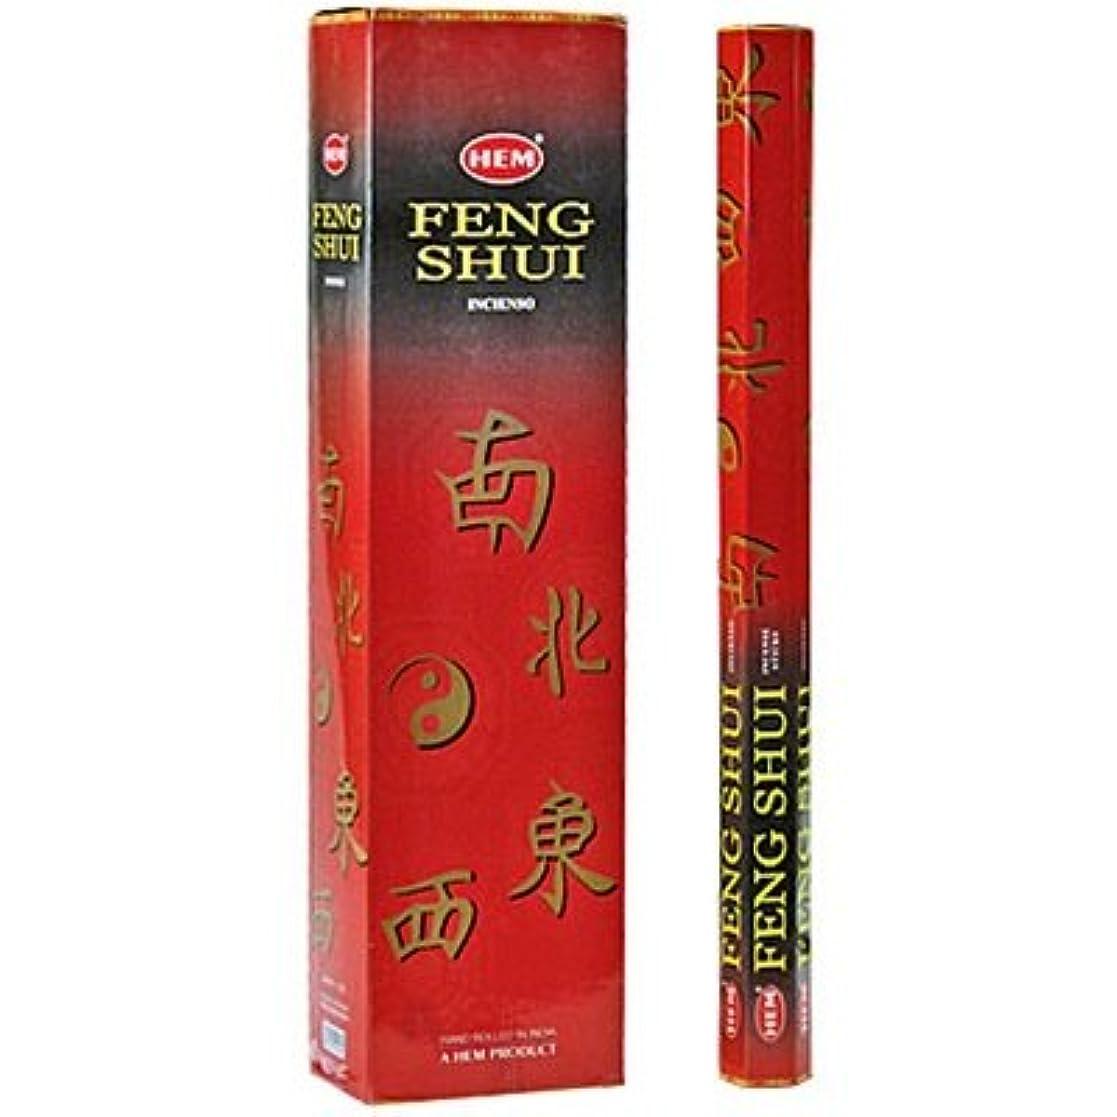 シールドスキャンダラスずっとFeng Shui – 裾ジャンボ16インチIncense Sticks 10スティック六角ボックス(セットof 6 )